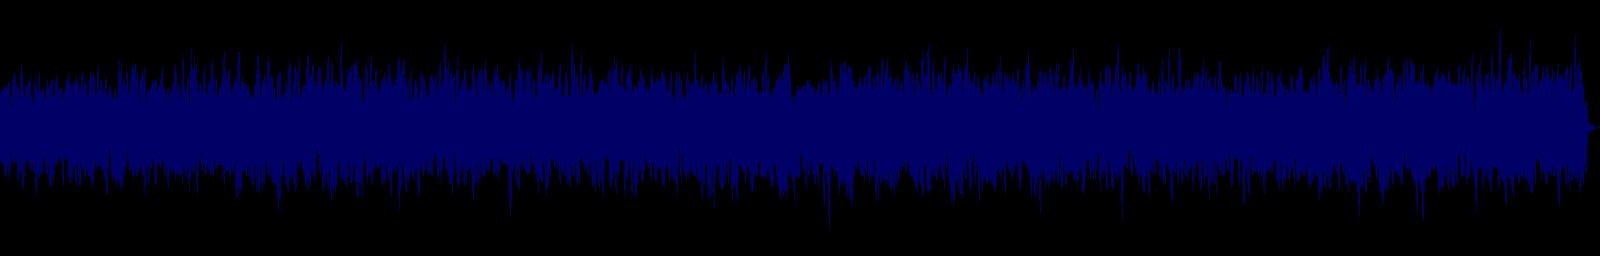 waveform of track #146130